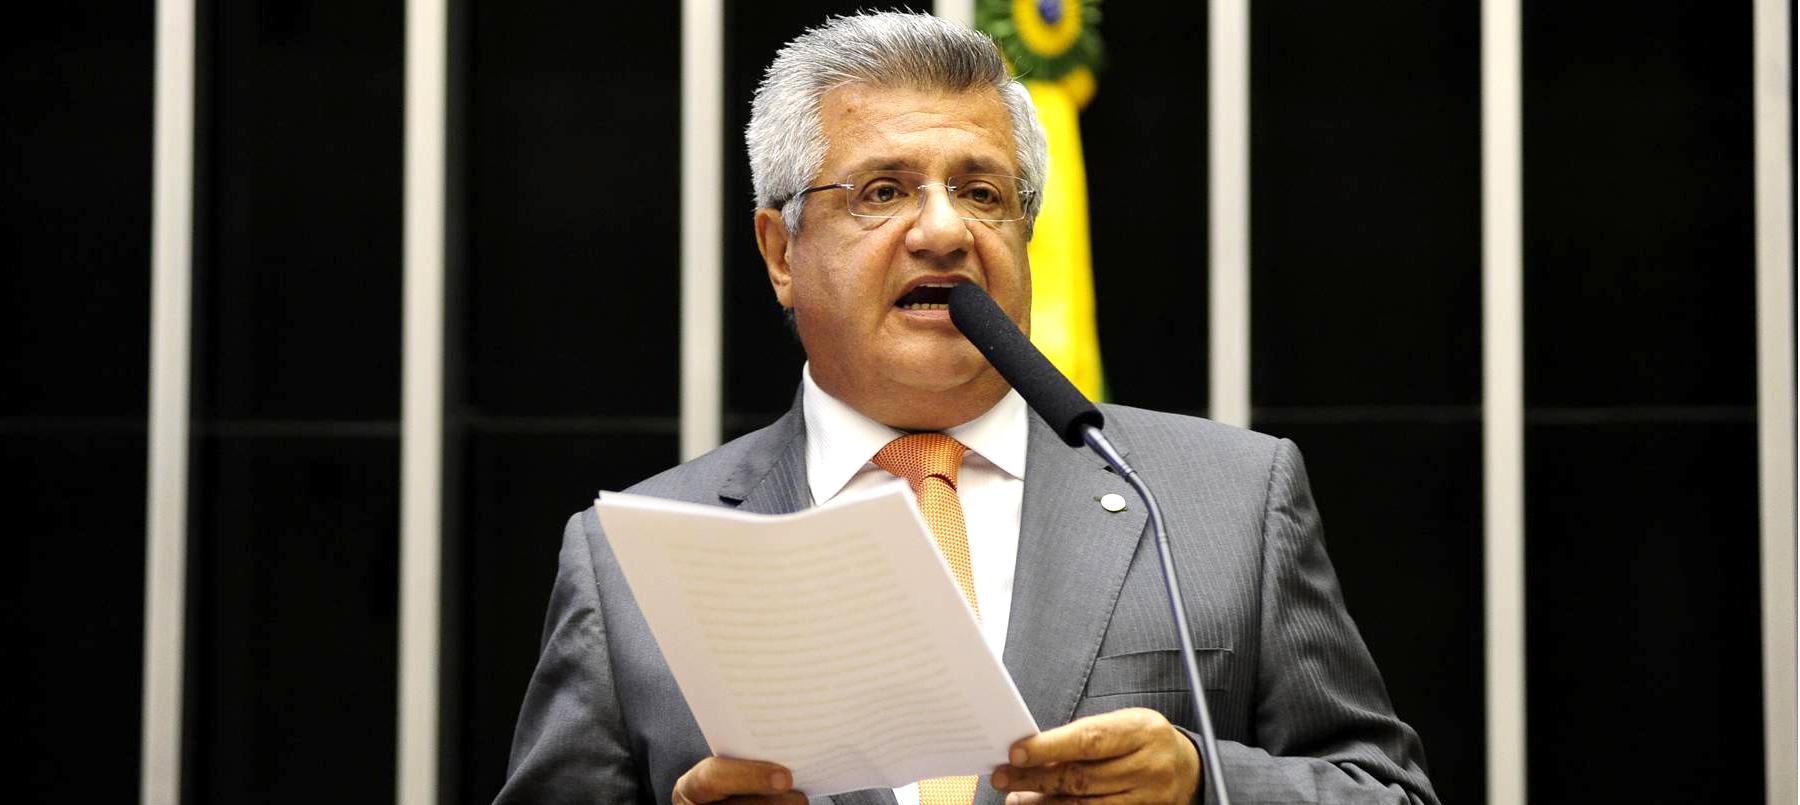 Bacelar cobra contrapartidas da Petrobras em área petrolífera baiana